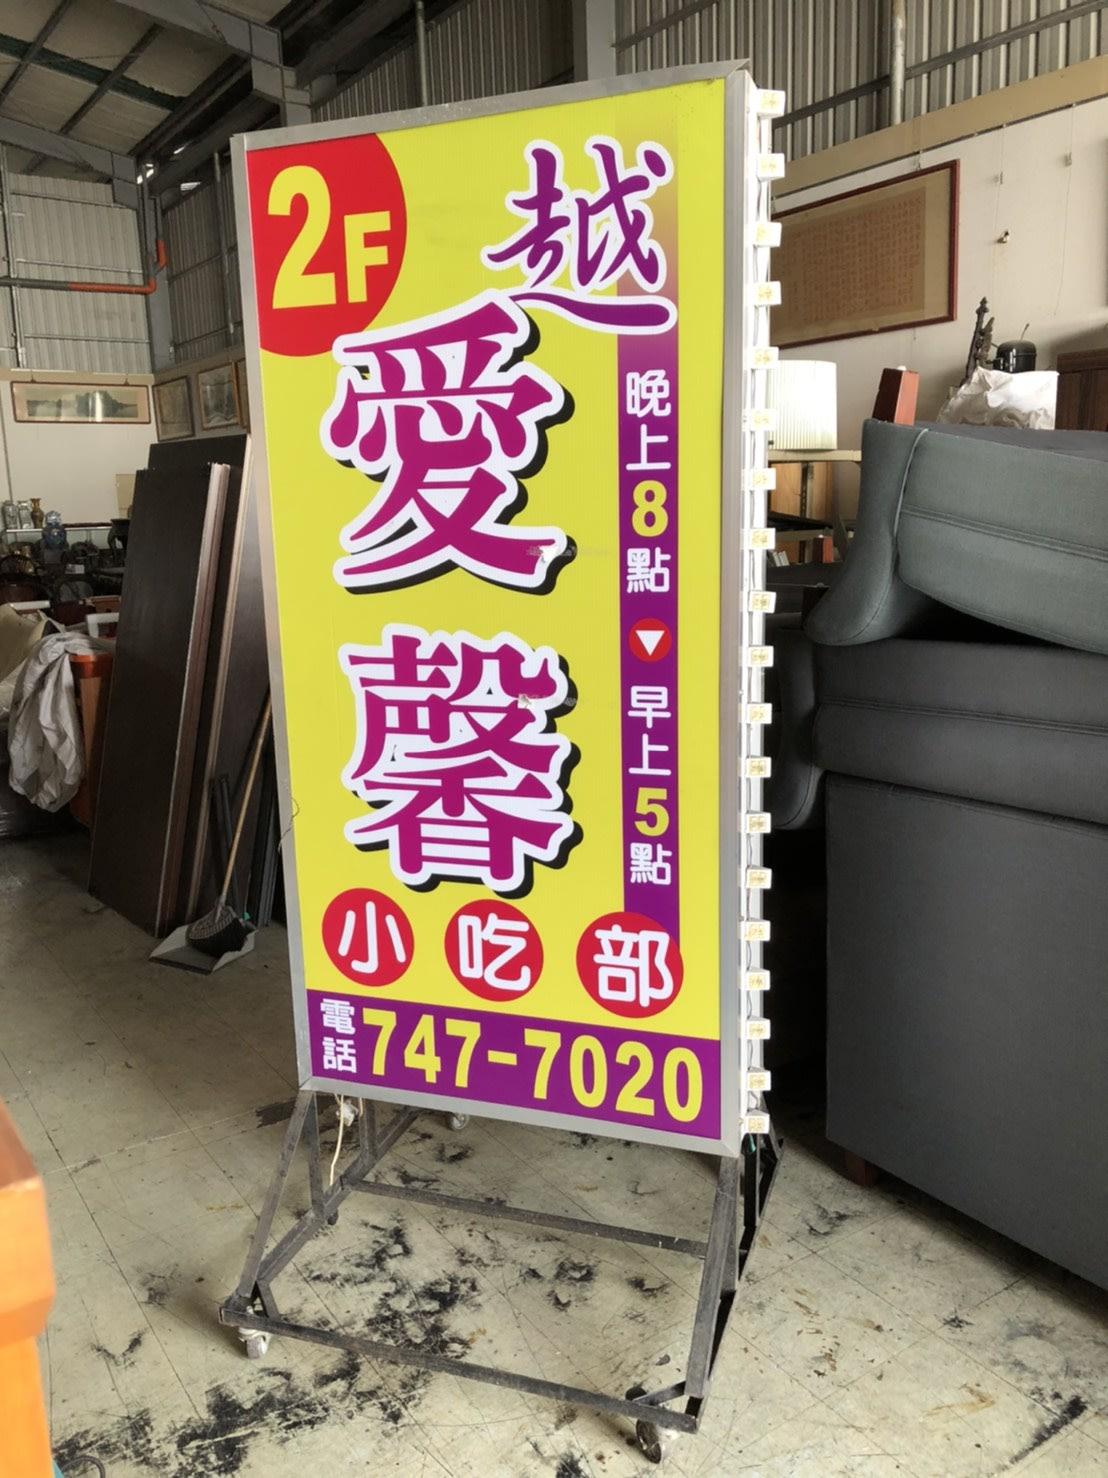 大高雄冠均二手貨中心(全省買賣)---招牌   移動式招牌    廣告看板    便宜出售